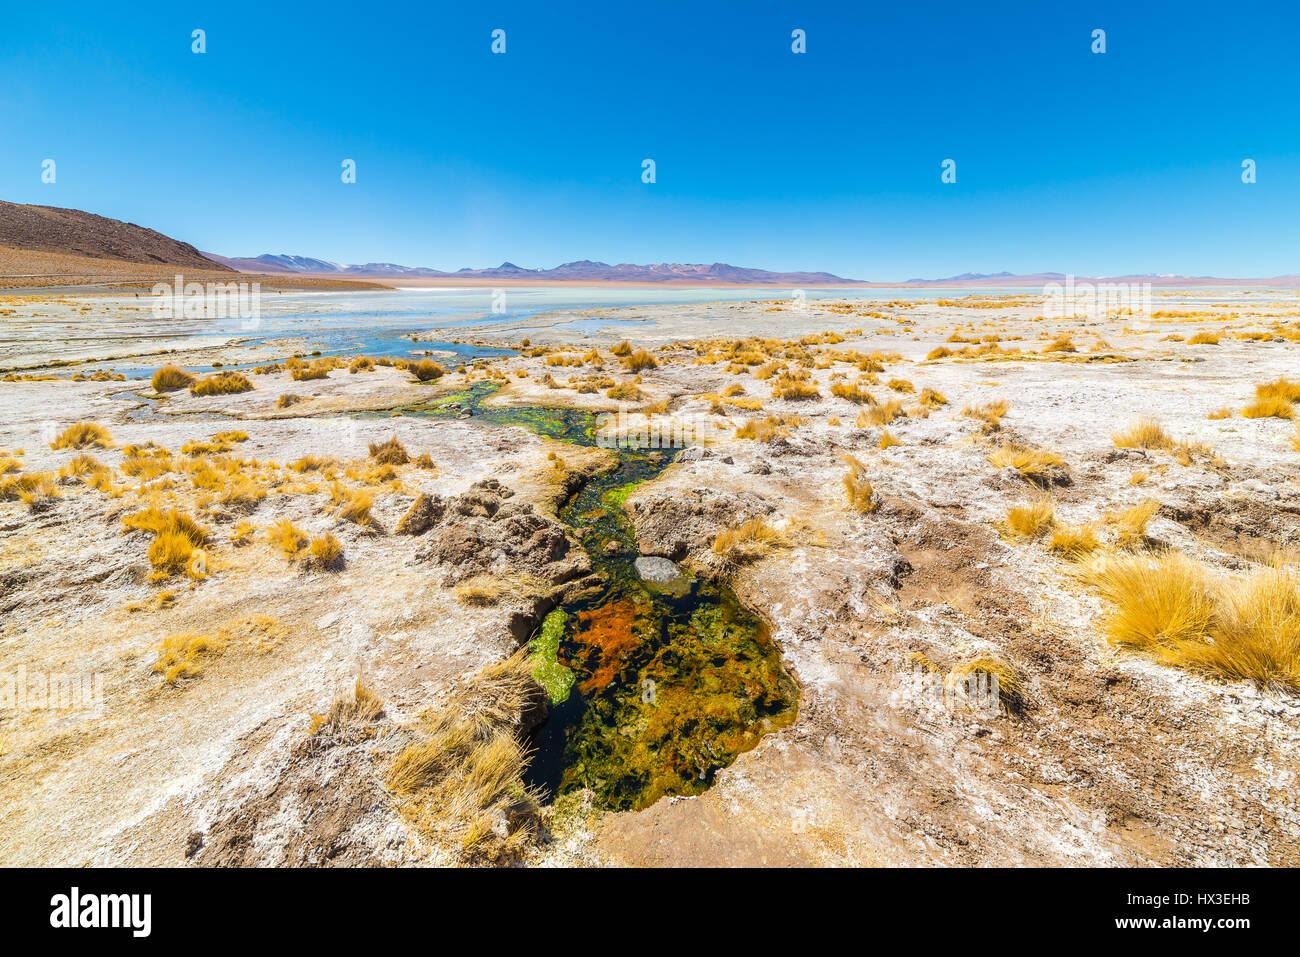 Hot spring colorés avec des dépôts de minéraux et algues sur les hauts plateaux andins (Bolivie). Photo Stock